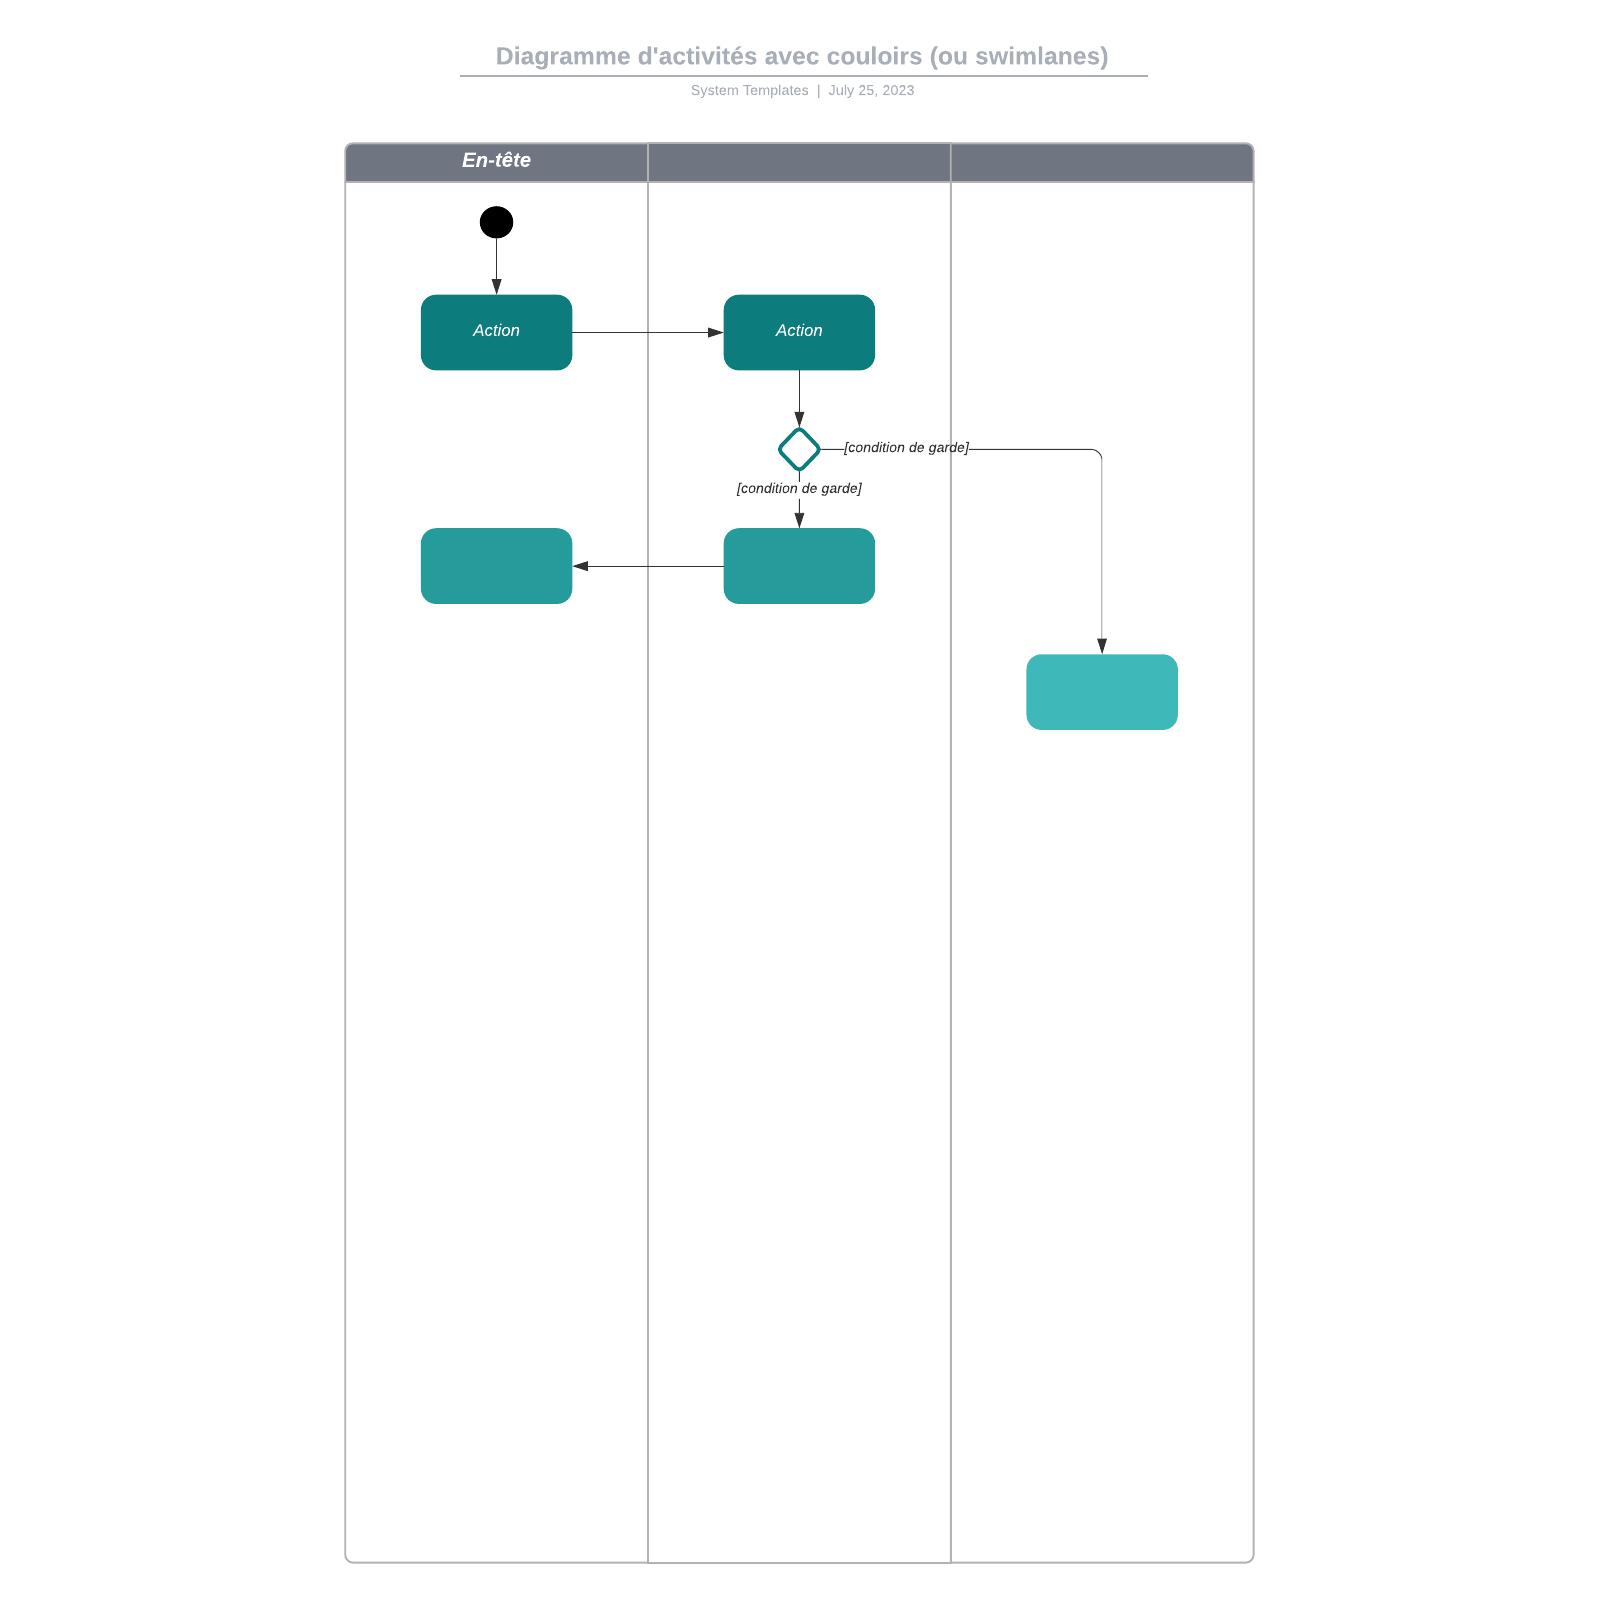 exemple de diagramme d'activités UML swimlane vierge